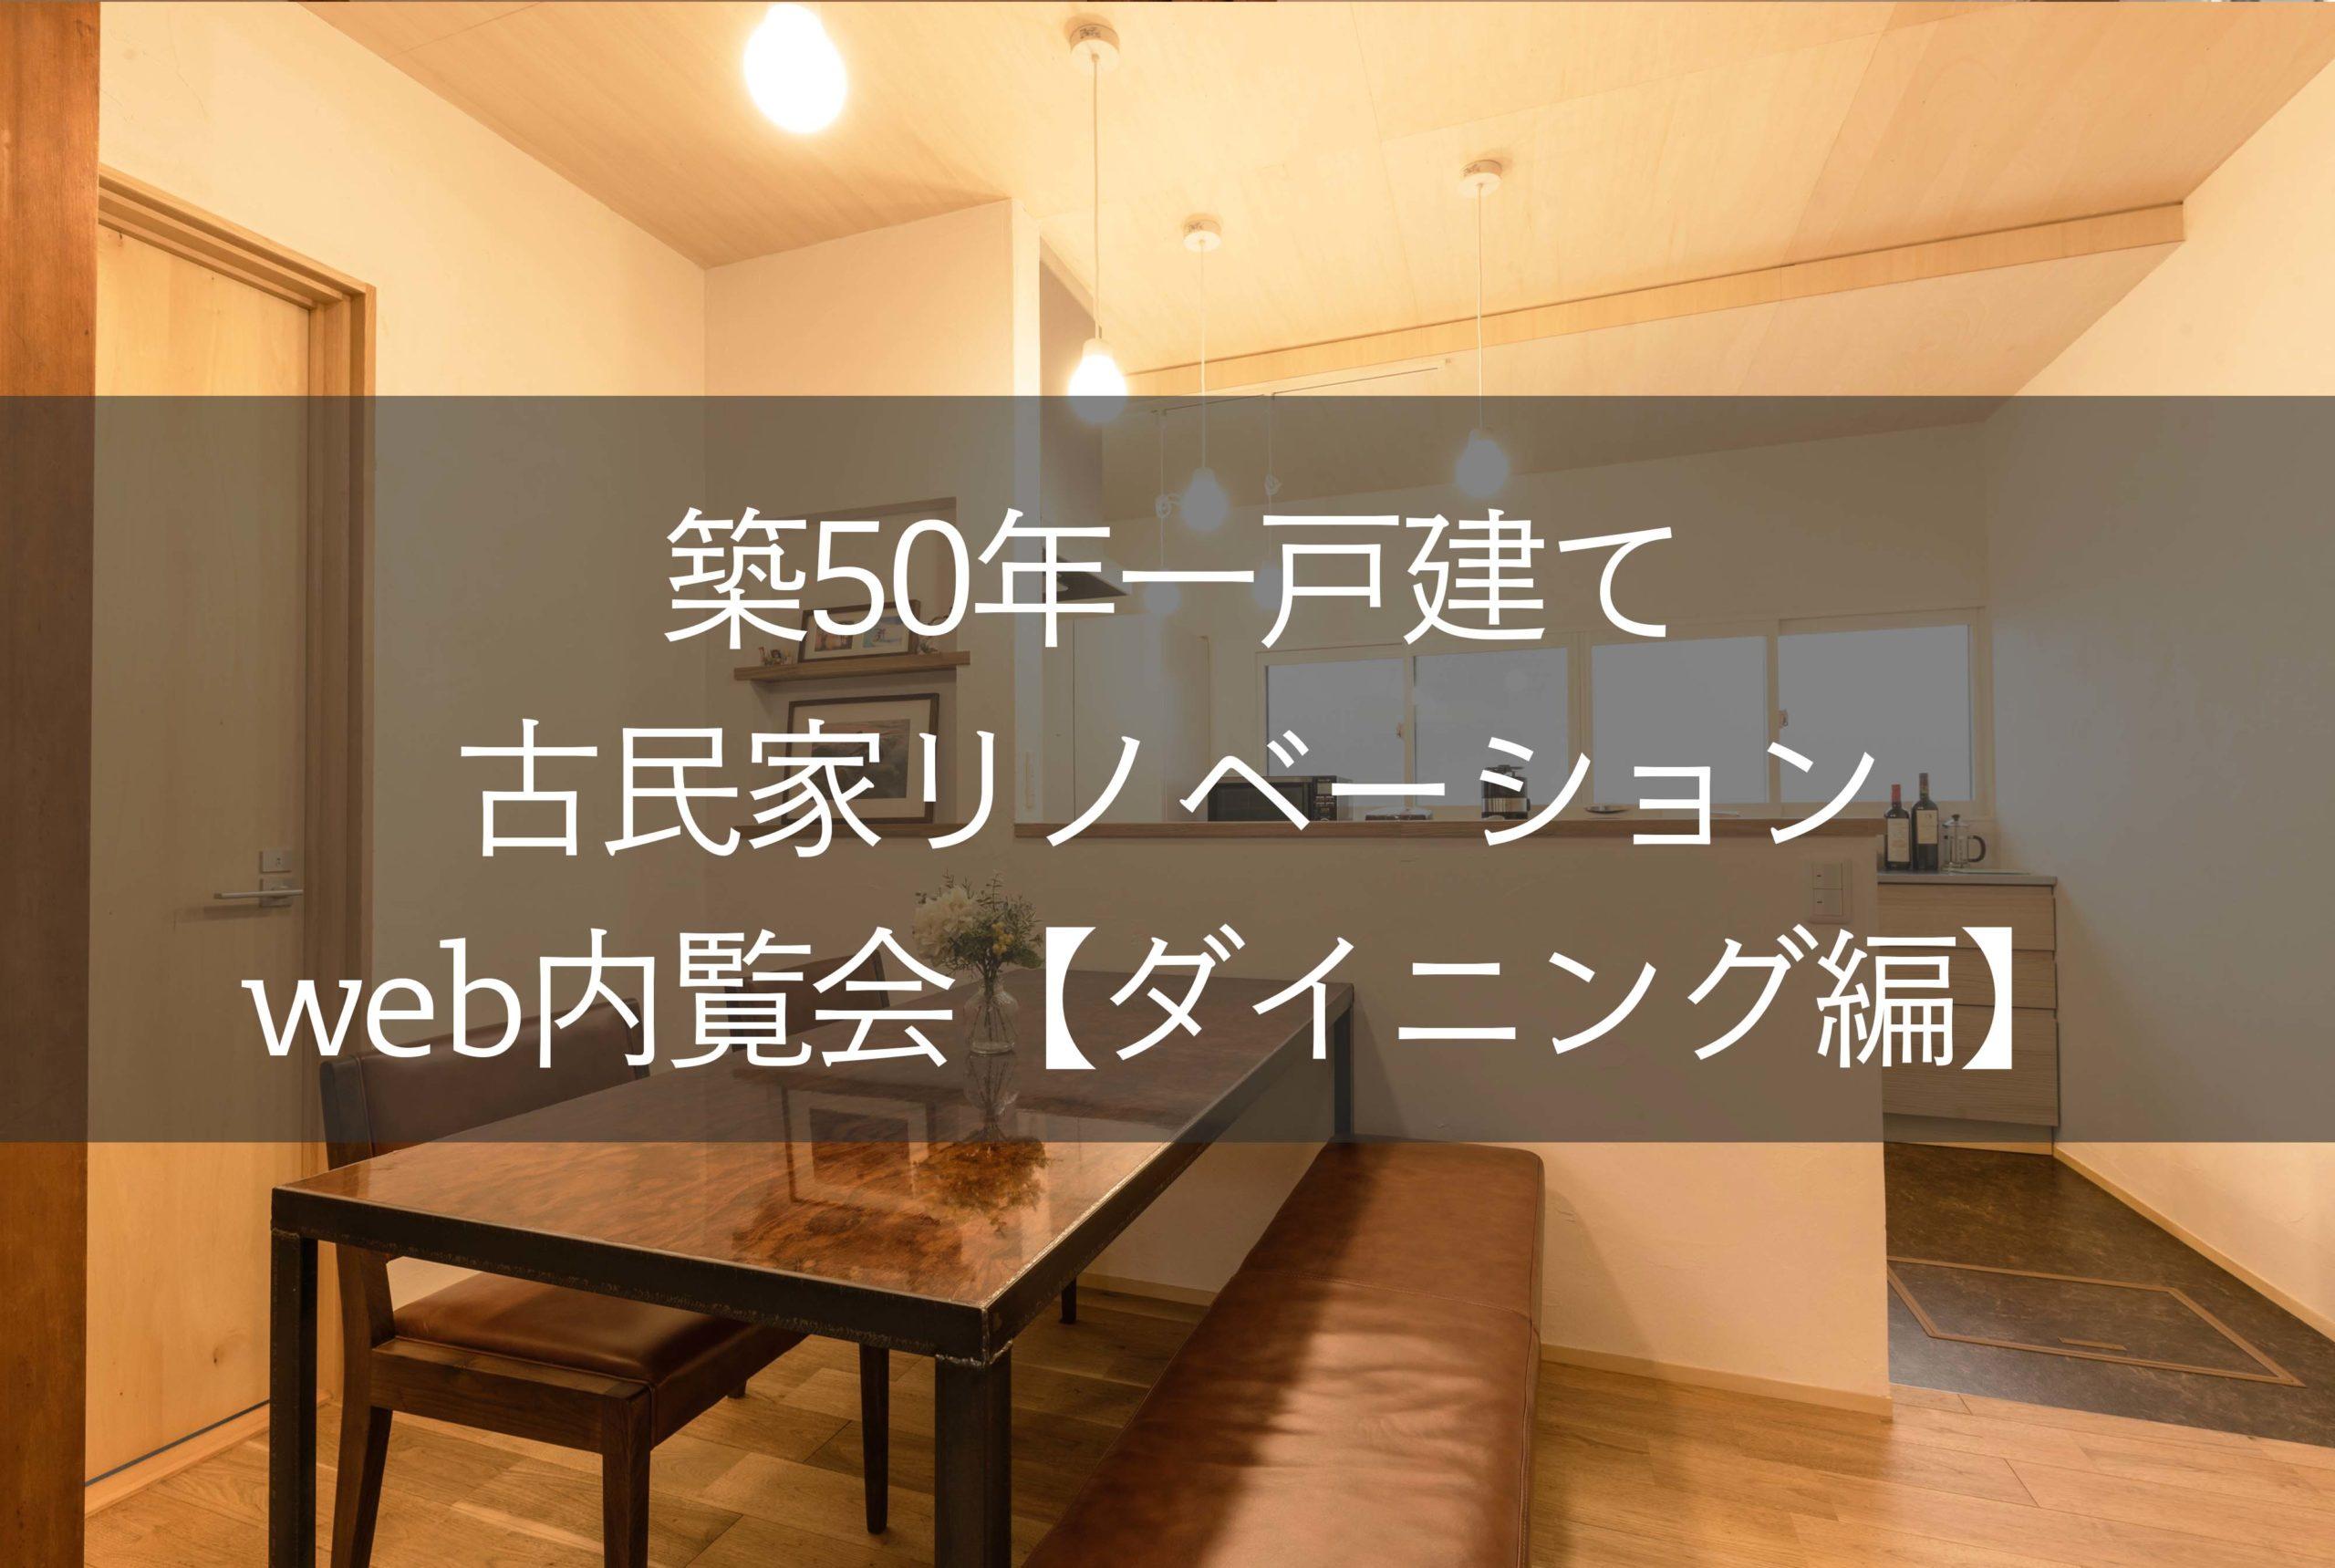 築50年一戸建て古民家リノベーションweb内覧会【ダイニング編】